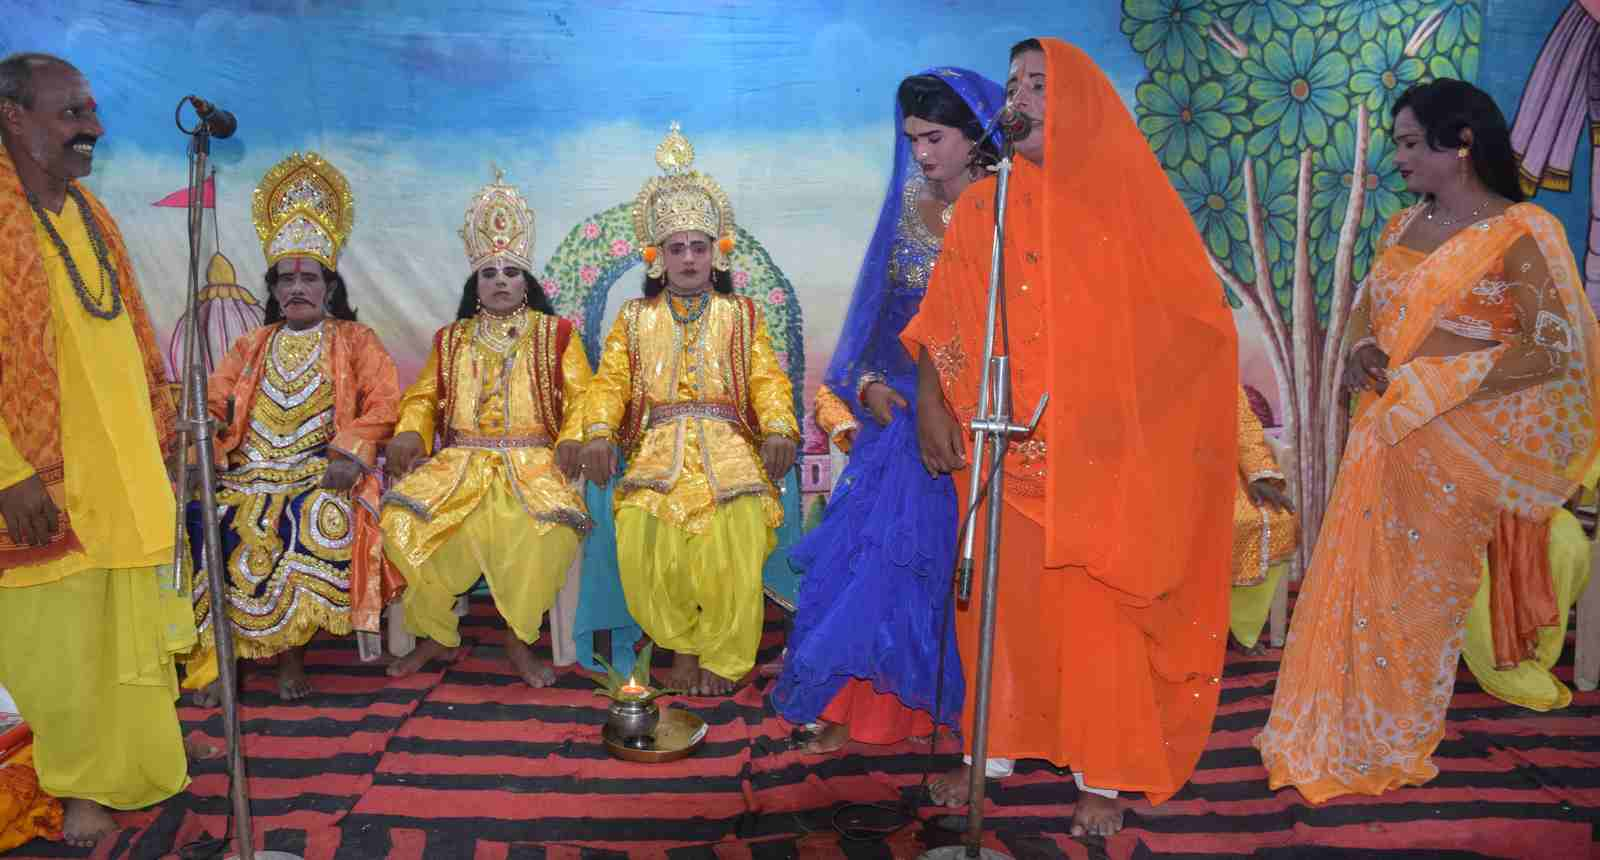 पुरानी कोतवाली में चल रही श्रीरामलीला में मंच पर बैठे बाराती और गीत गाती महिलाएं।